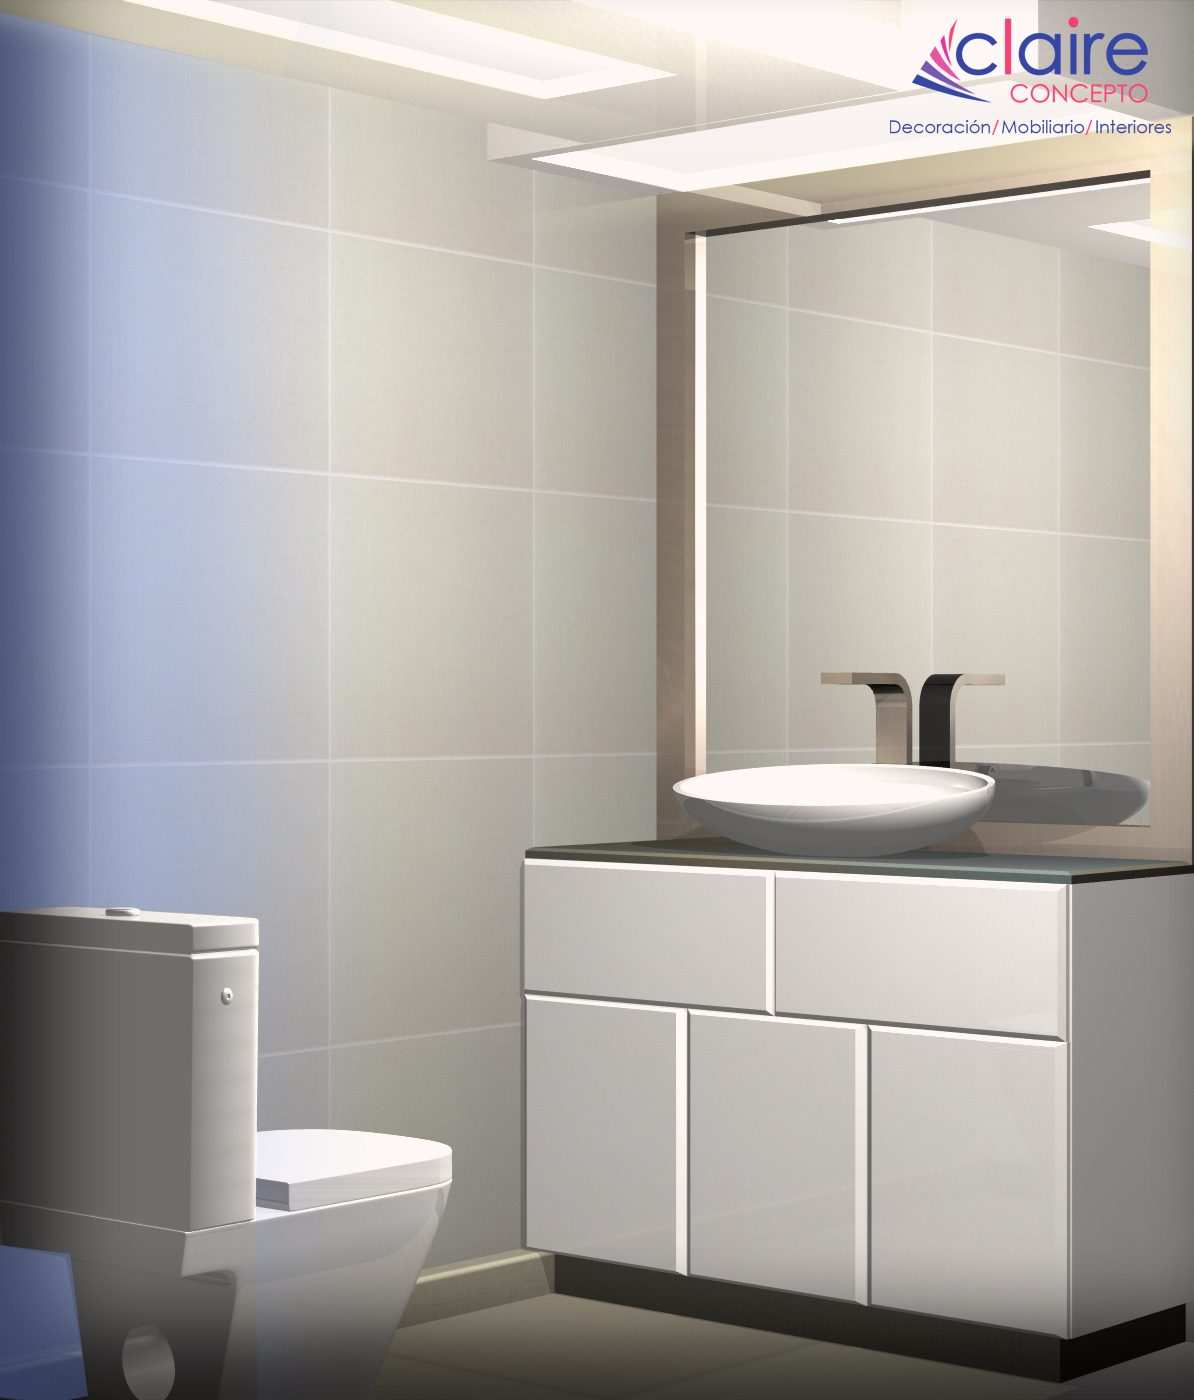 Dise os de ba os modernos y minimalistas azcapotzalco for Banos interiores decoracion